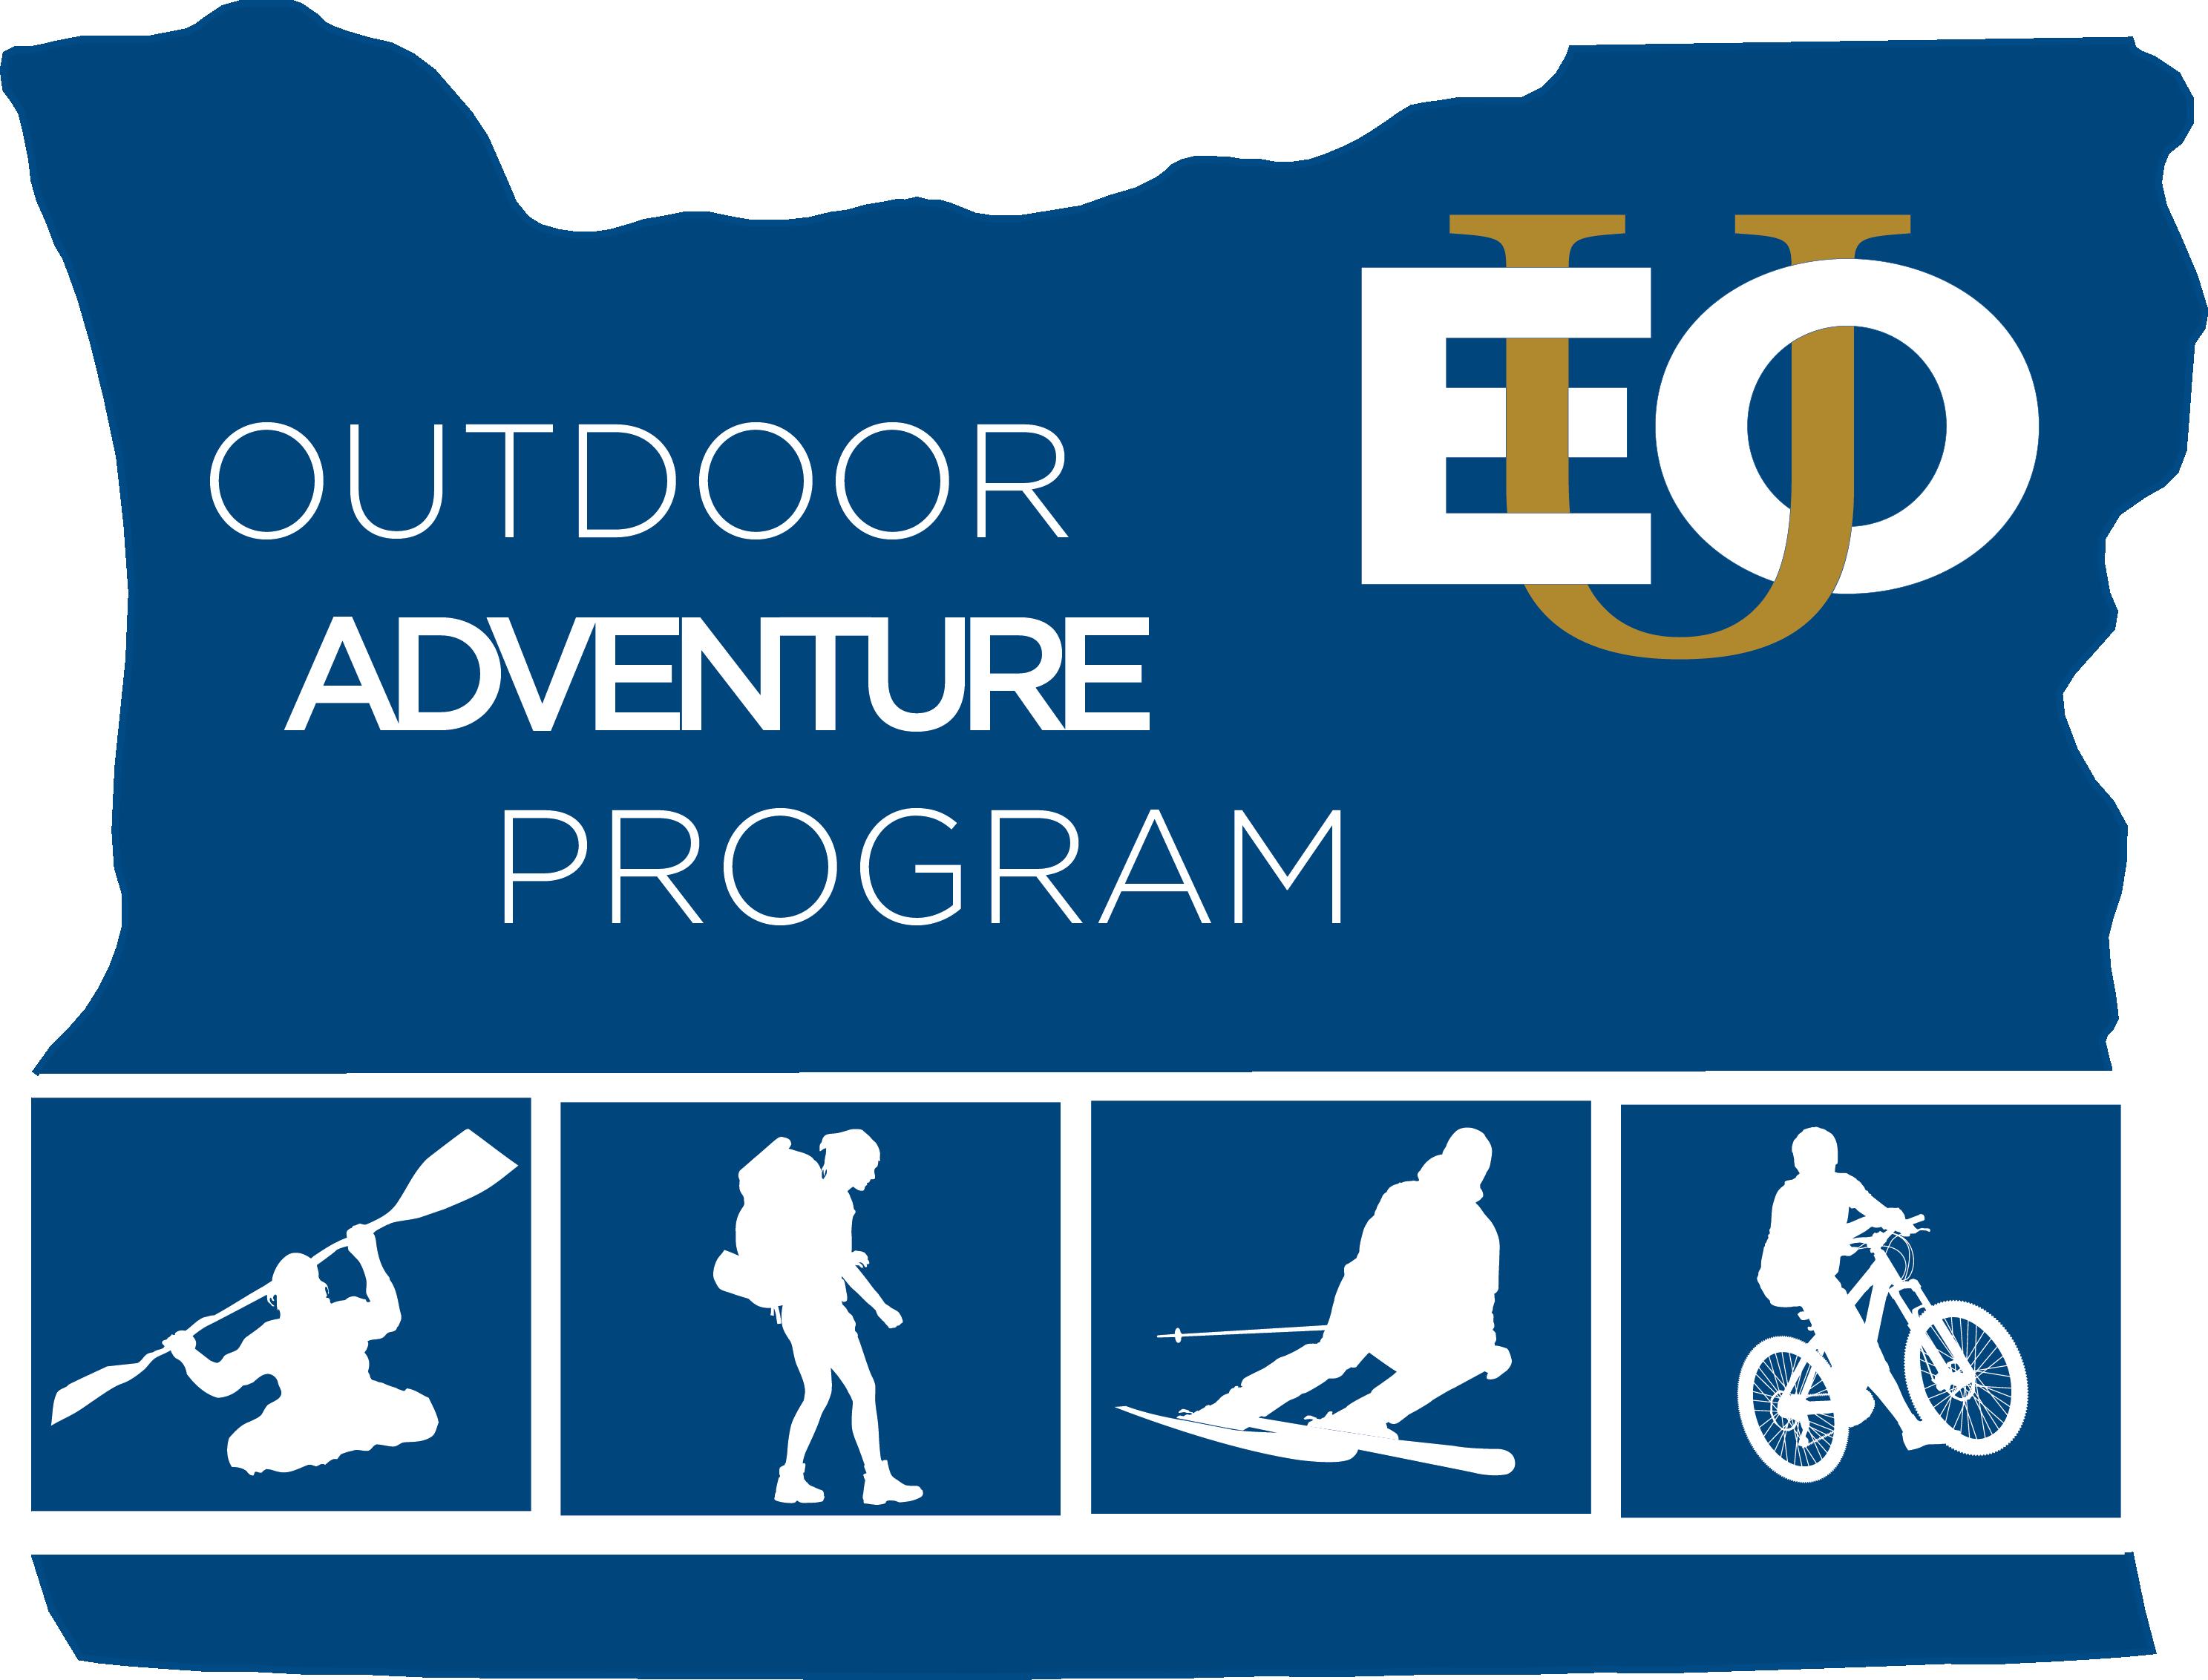 Link to Outdoor Adventure Program